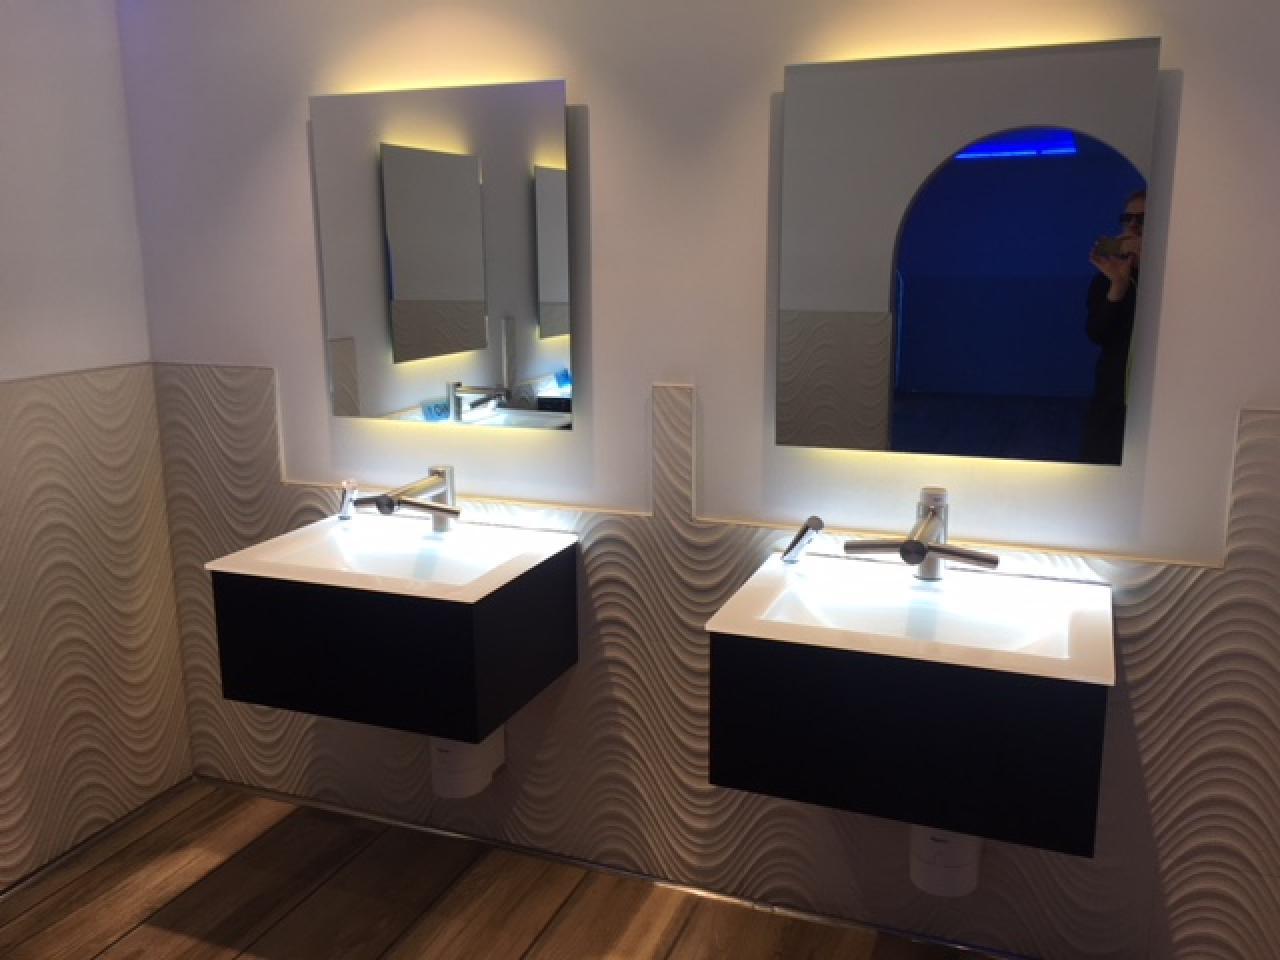 Piastrella per il bagno di un ristorante: come scegliere? fratelli